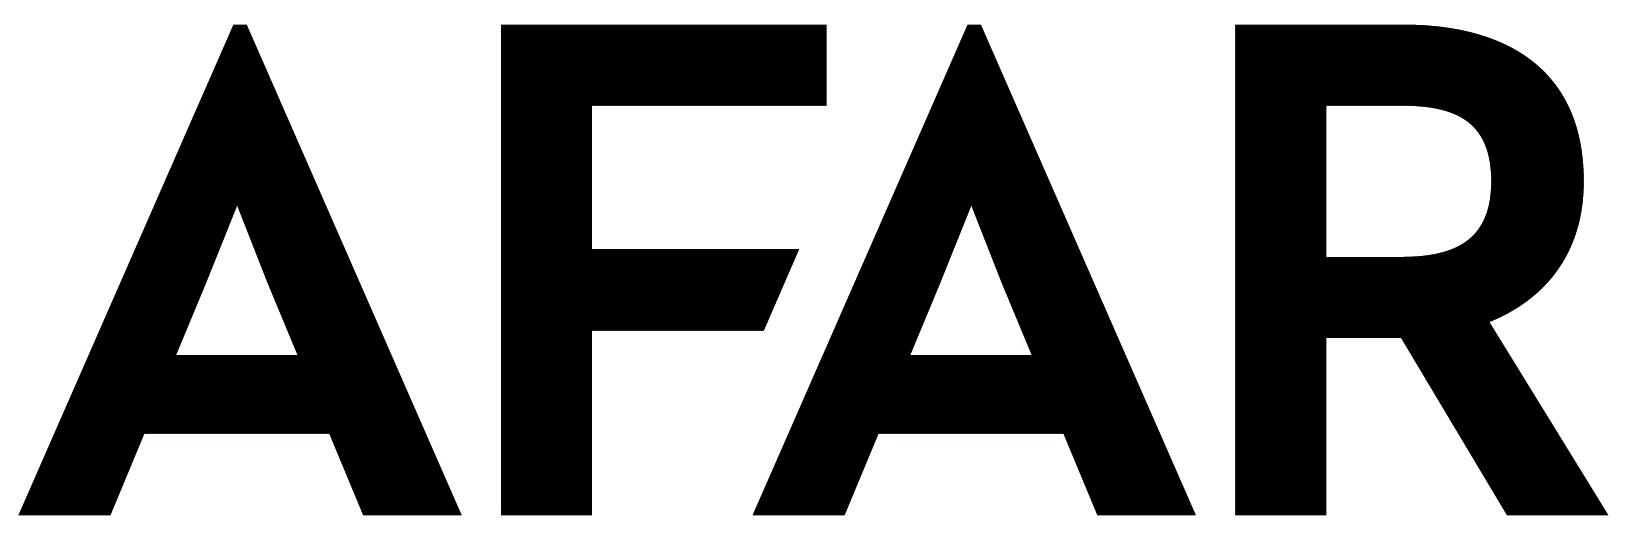 Afar-Logo.jpg